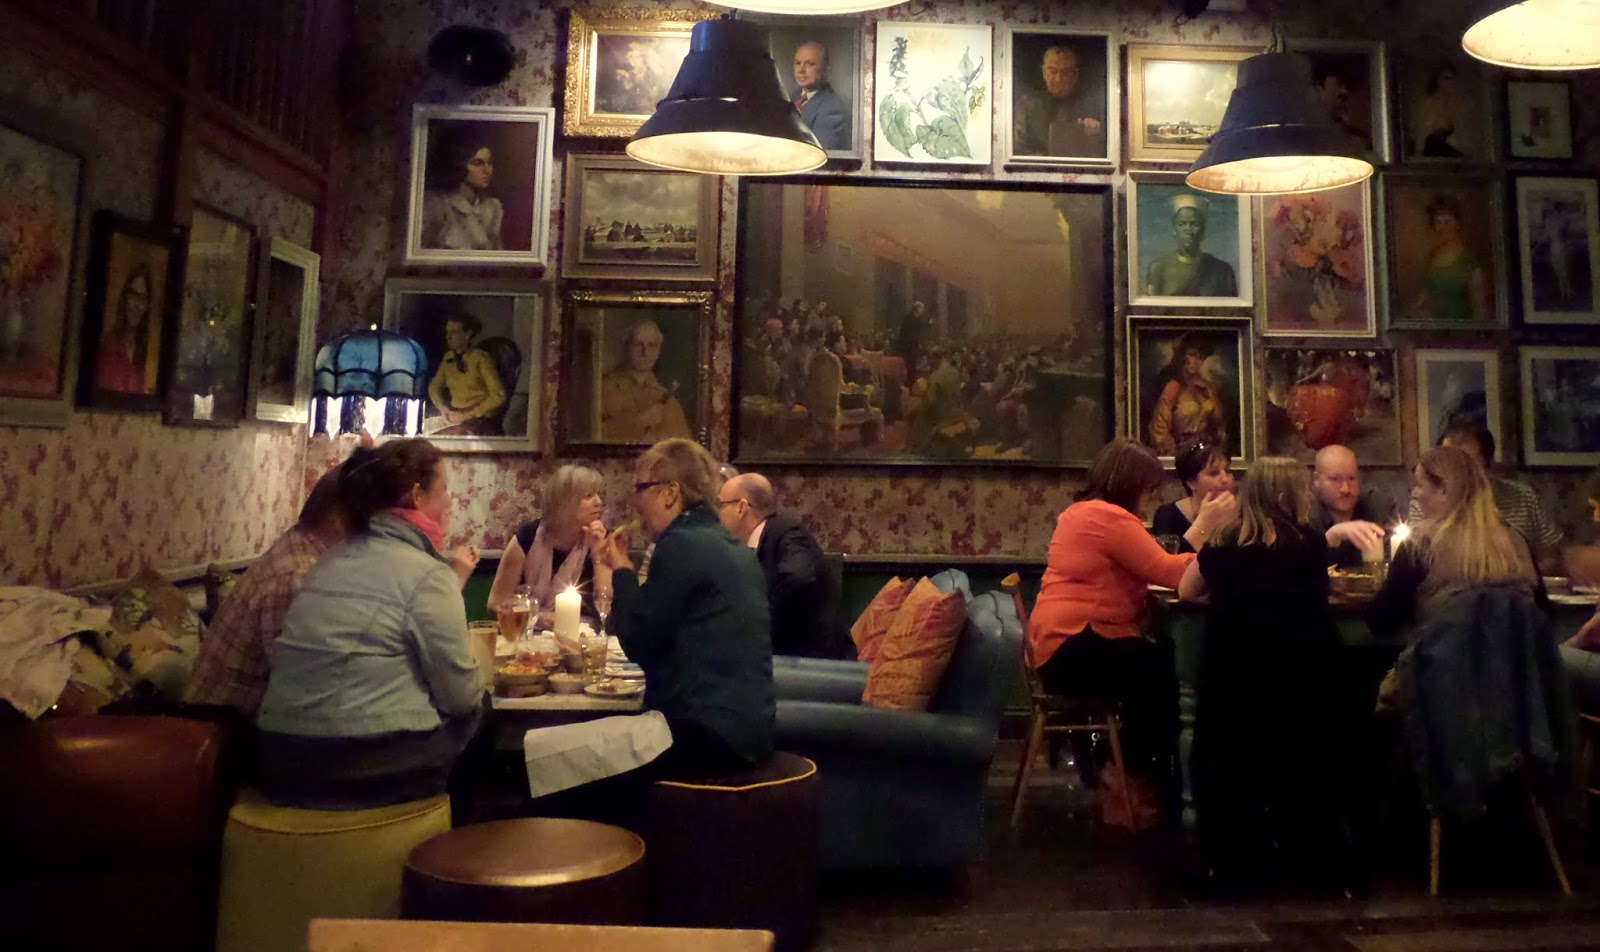 caballo-lounge-epsom-cafe-bar-review